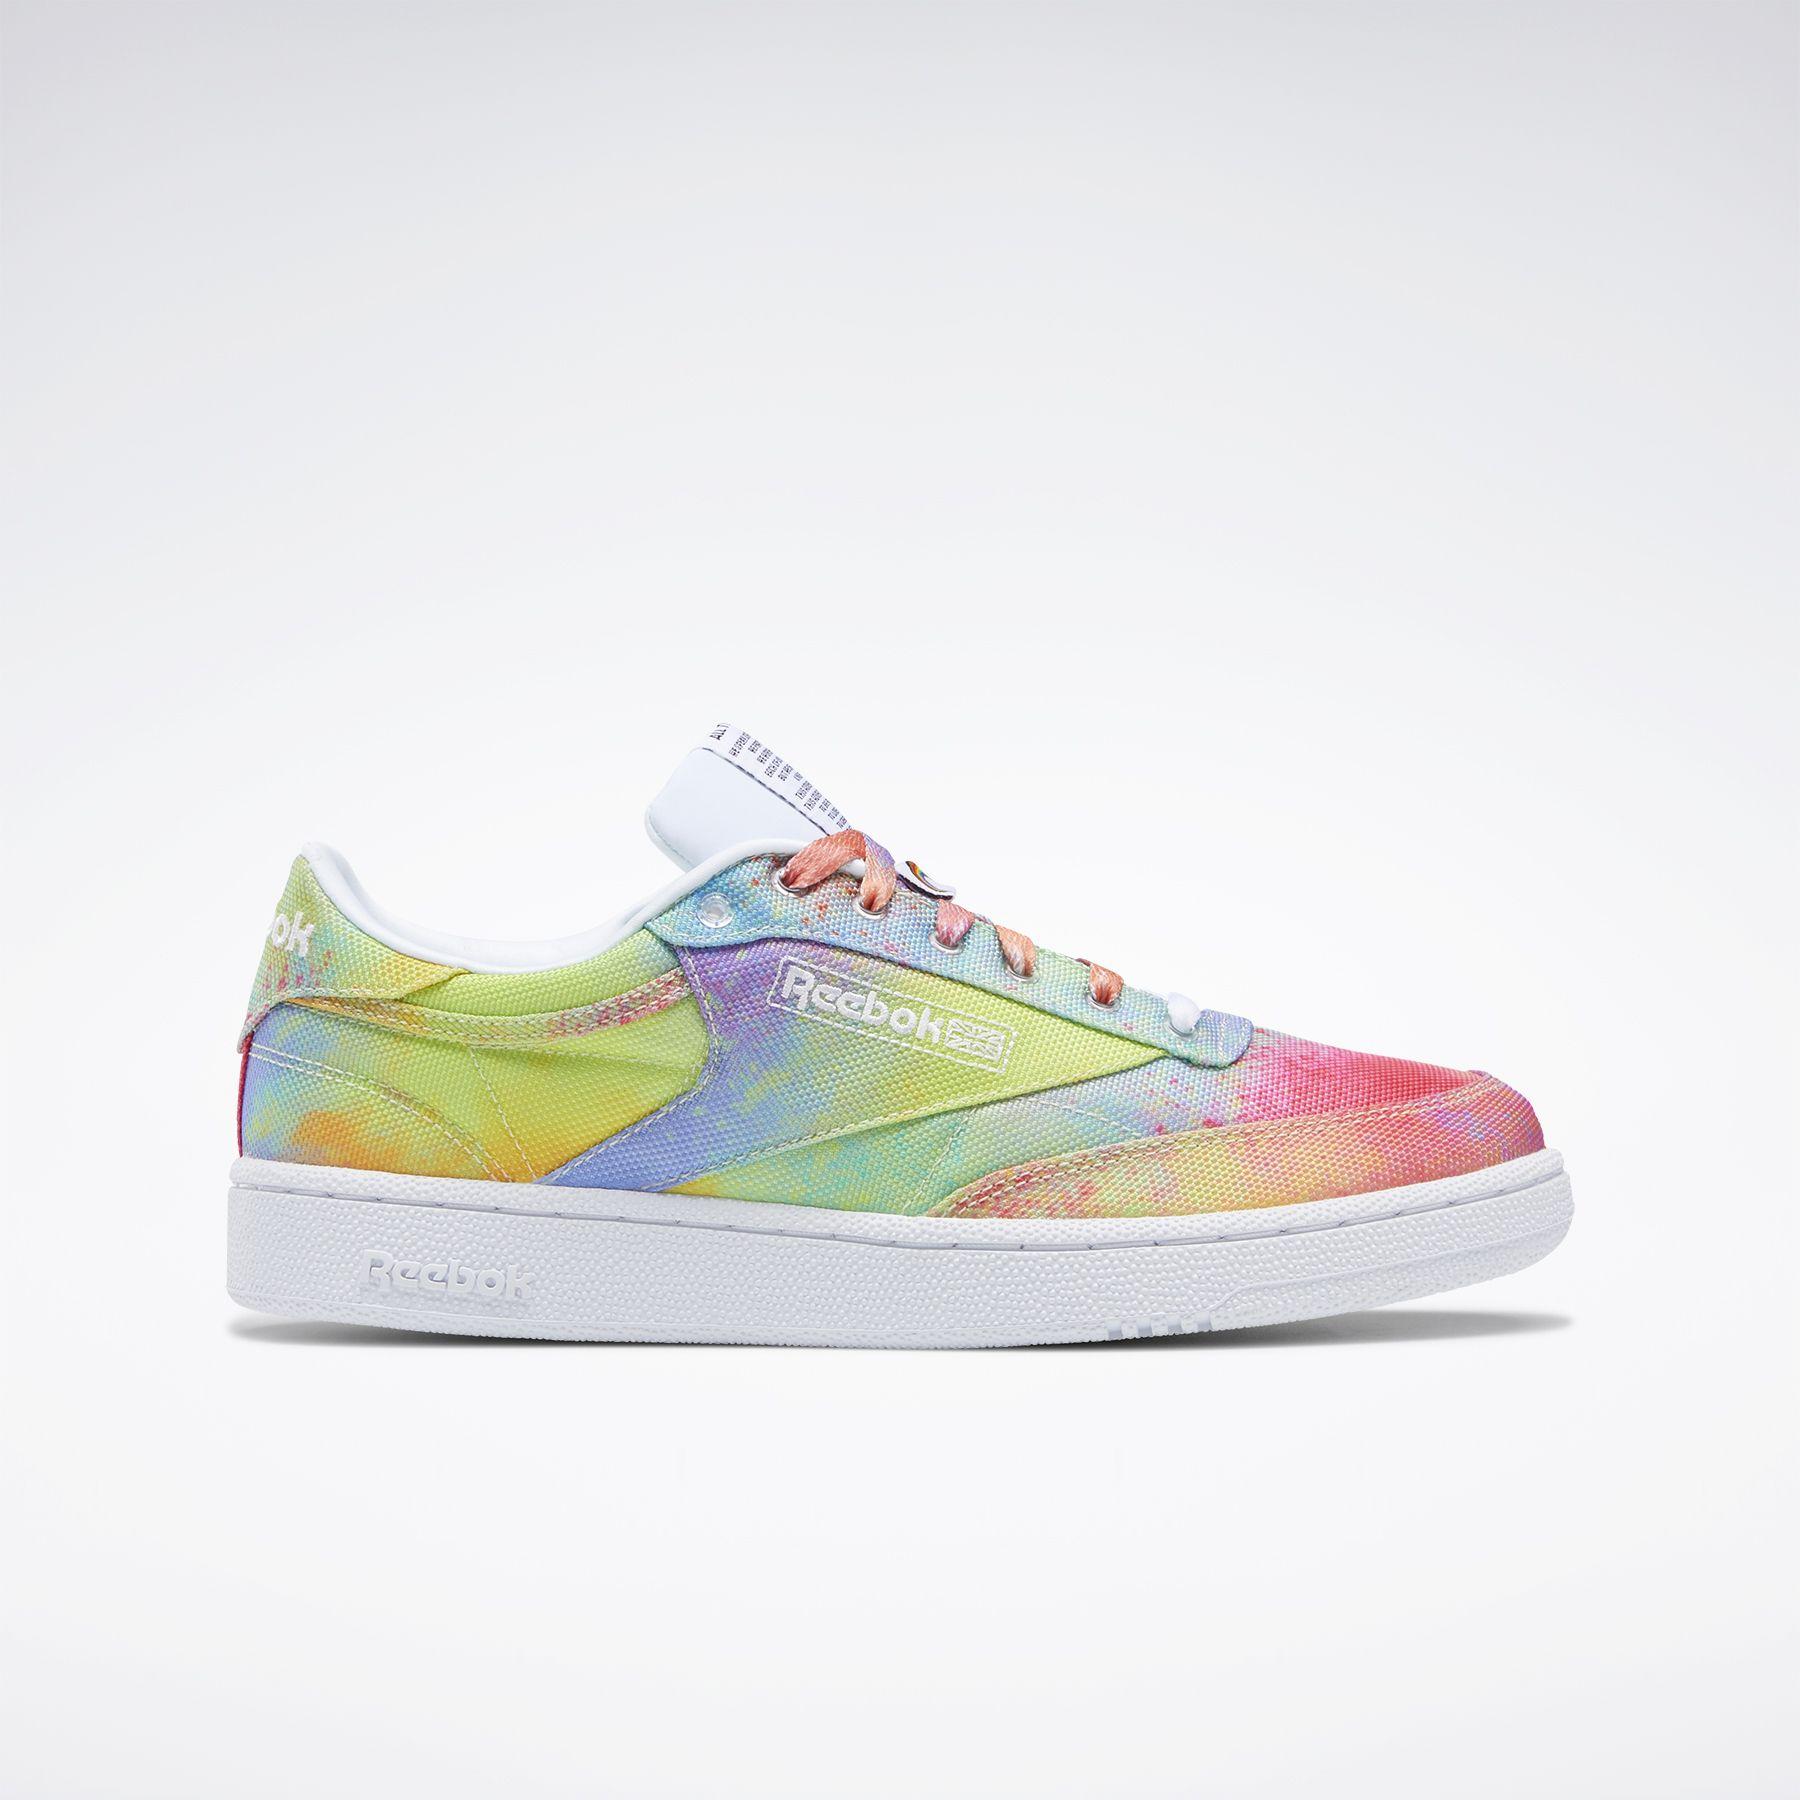 pacífico transportar Relámpago  Estas zapatillas Reebok en versión arcoíris son la compra del verano